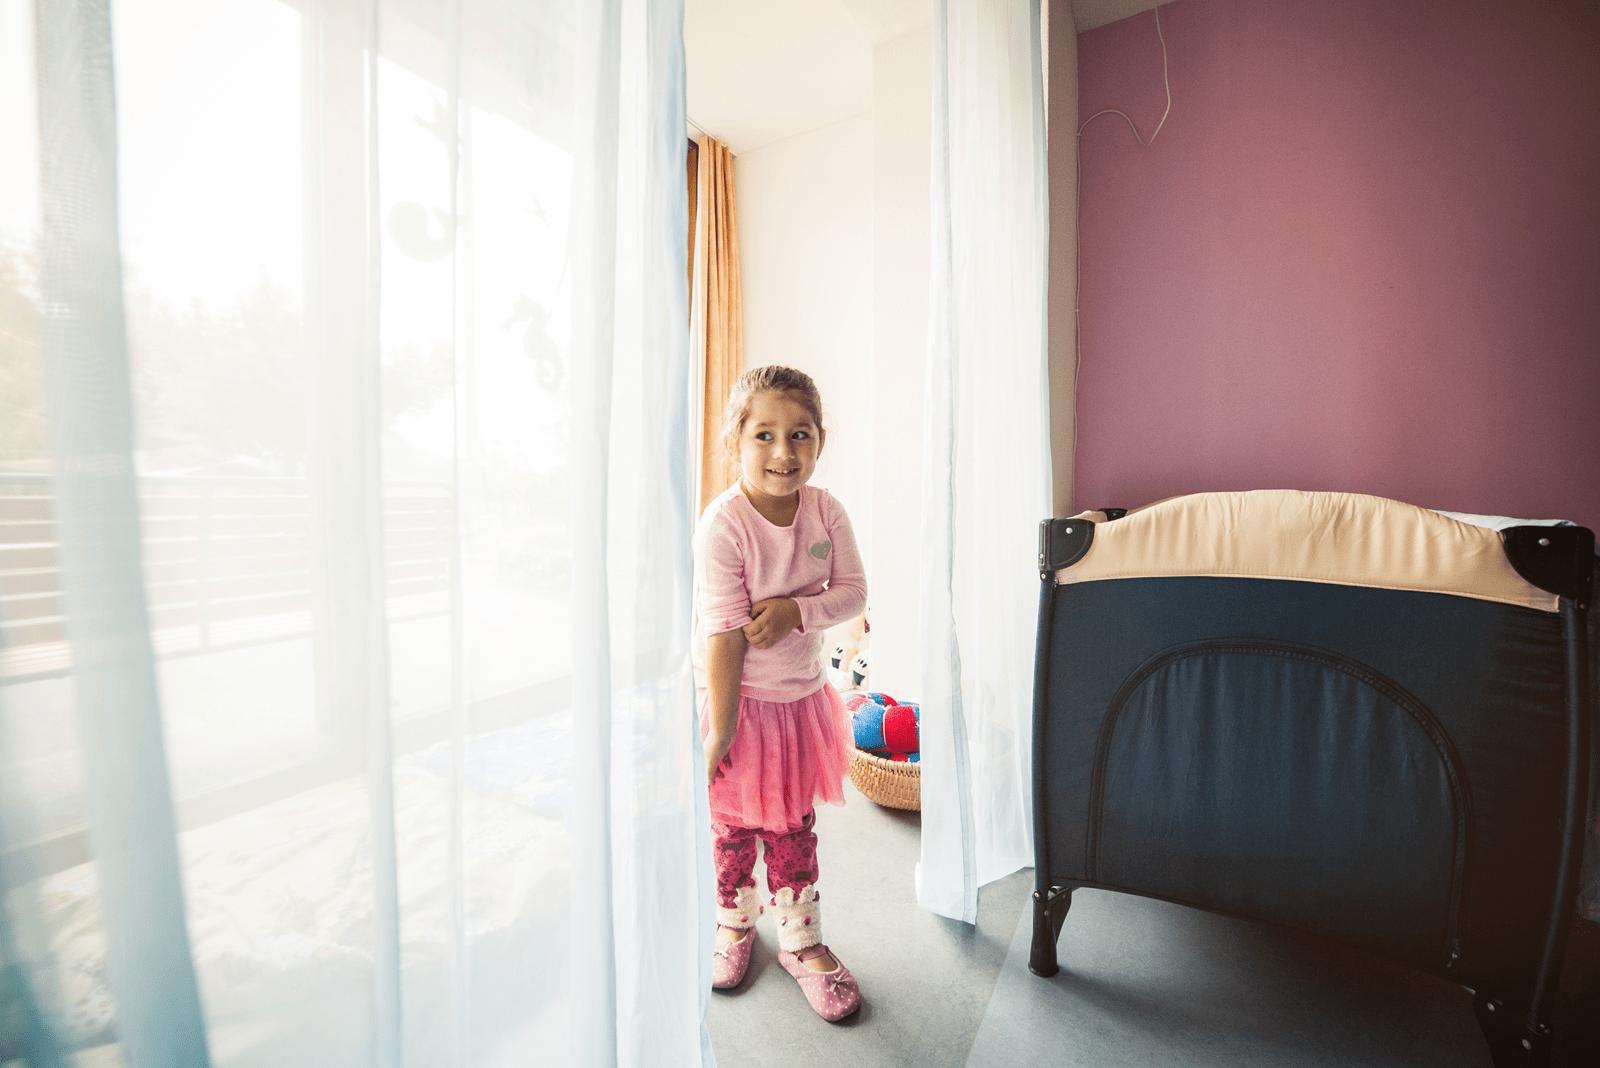 Mädchen zeigt den Ruhe- und Schlafraum von der Kindertagesstätte Chinderhus Brienz.